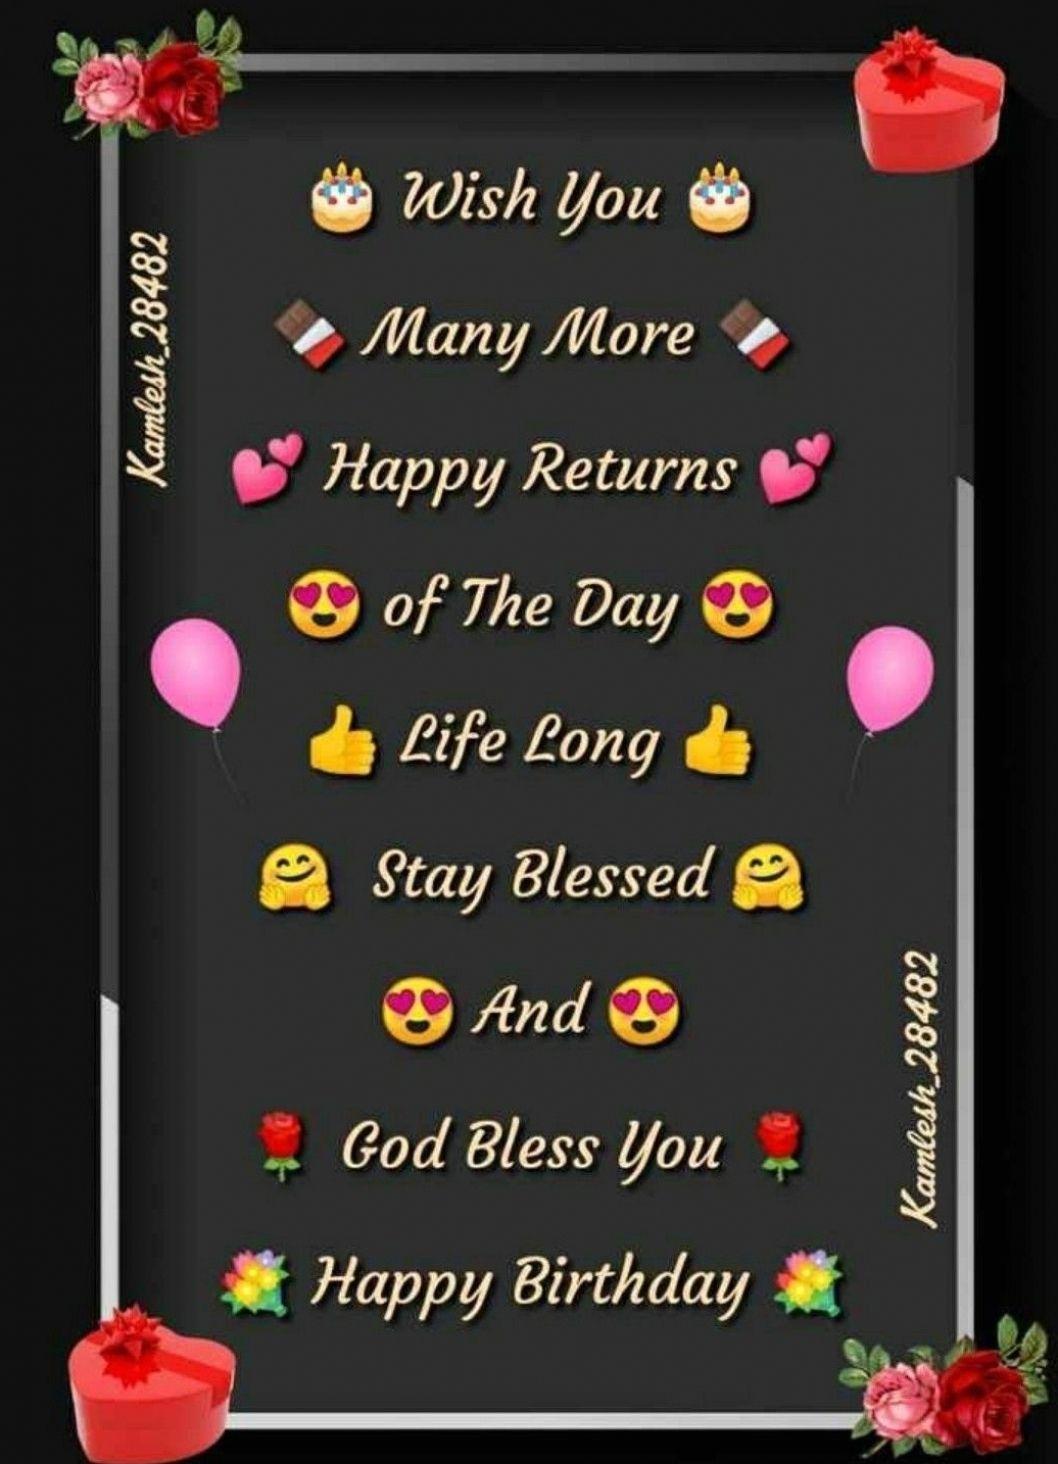 Printable Birthday Card Funny Printable Birthday Card Downloadable Birthday Card Digital Birthday Card Instant Download In 2021 Happy Birthday Wishes Quotes Birthday Wishes Reply Birthday Wishes Quotes